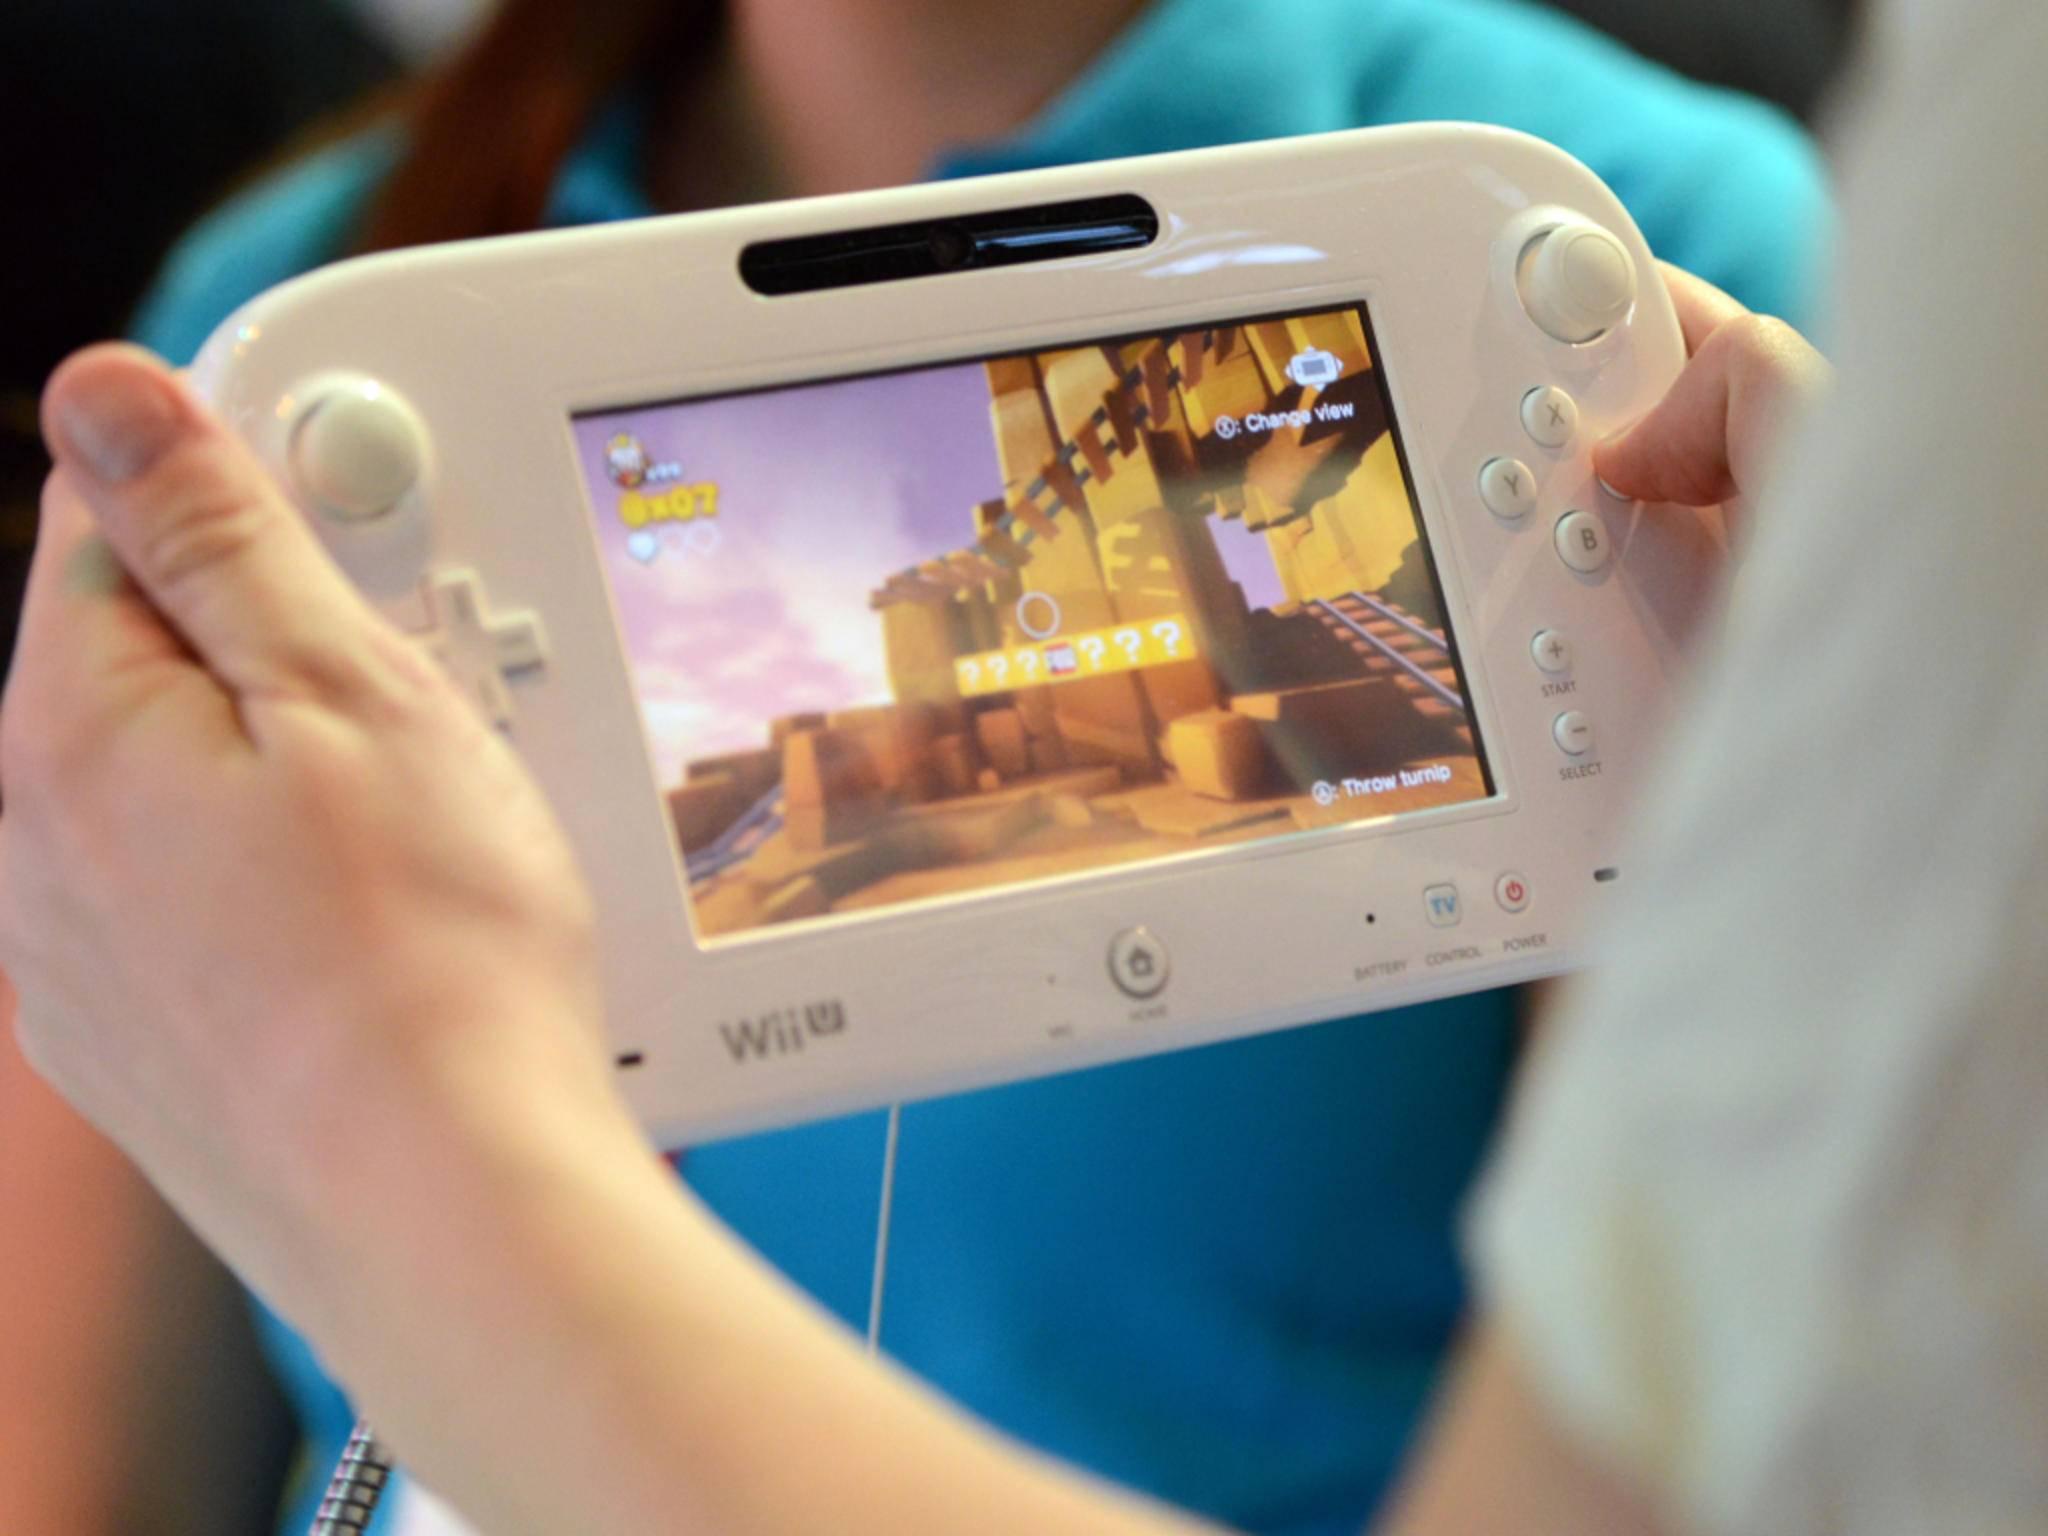 Die Produktion der Wii U wird womöglich Ende 2016 eingestellt.